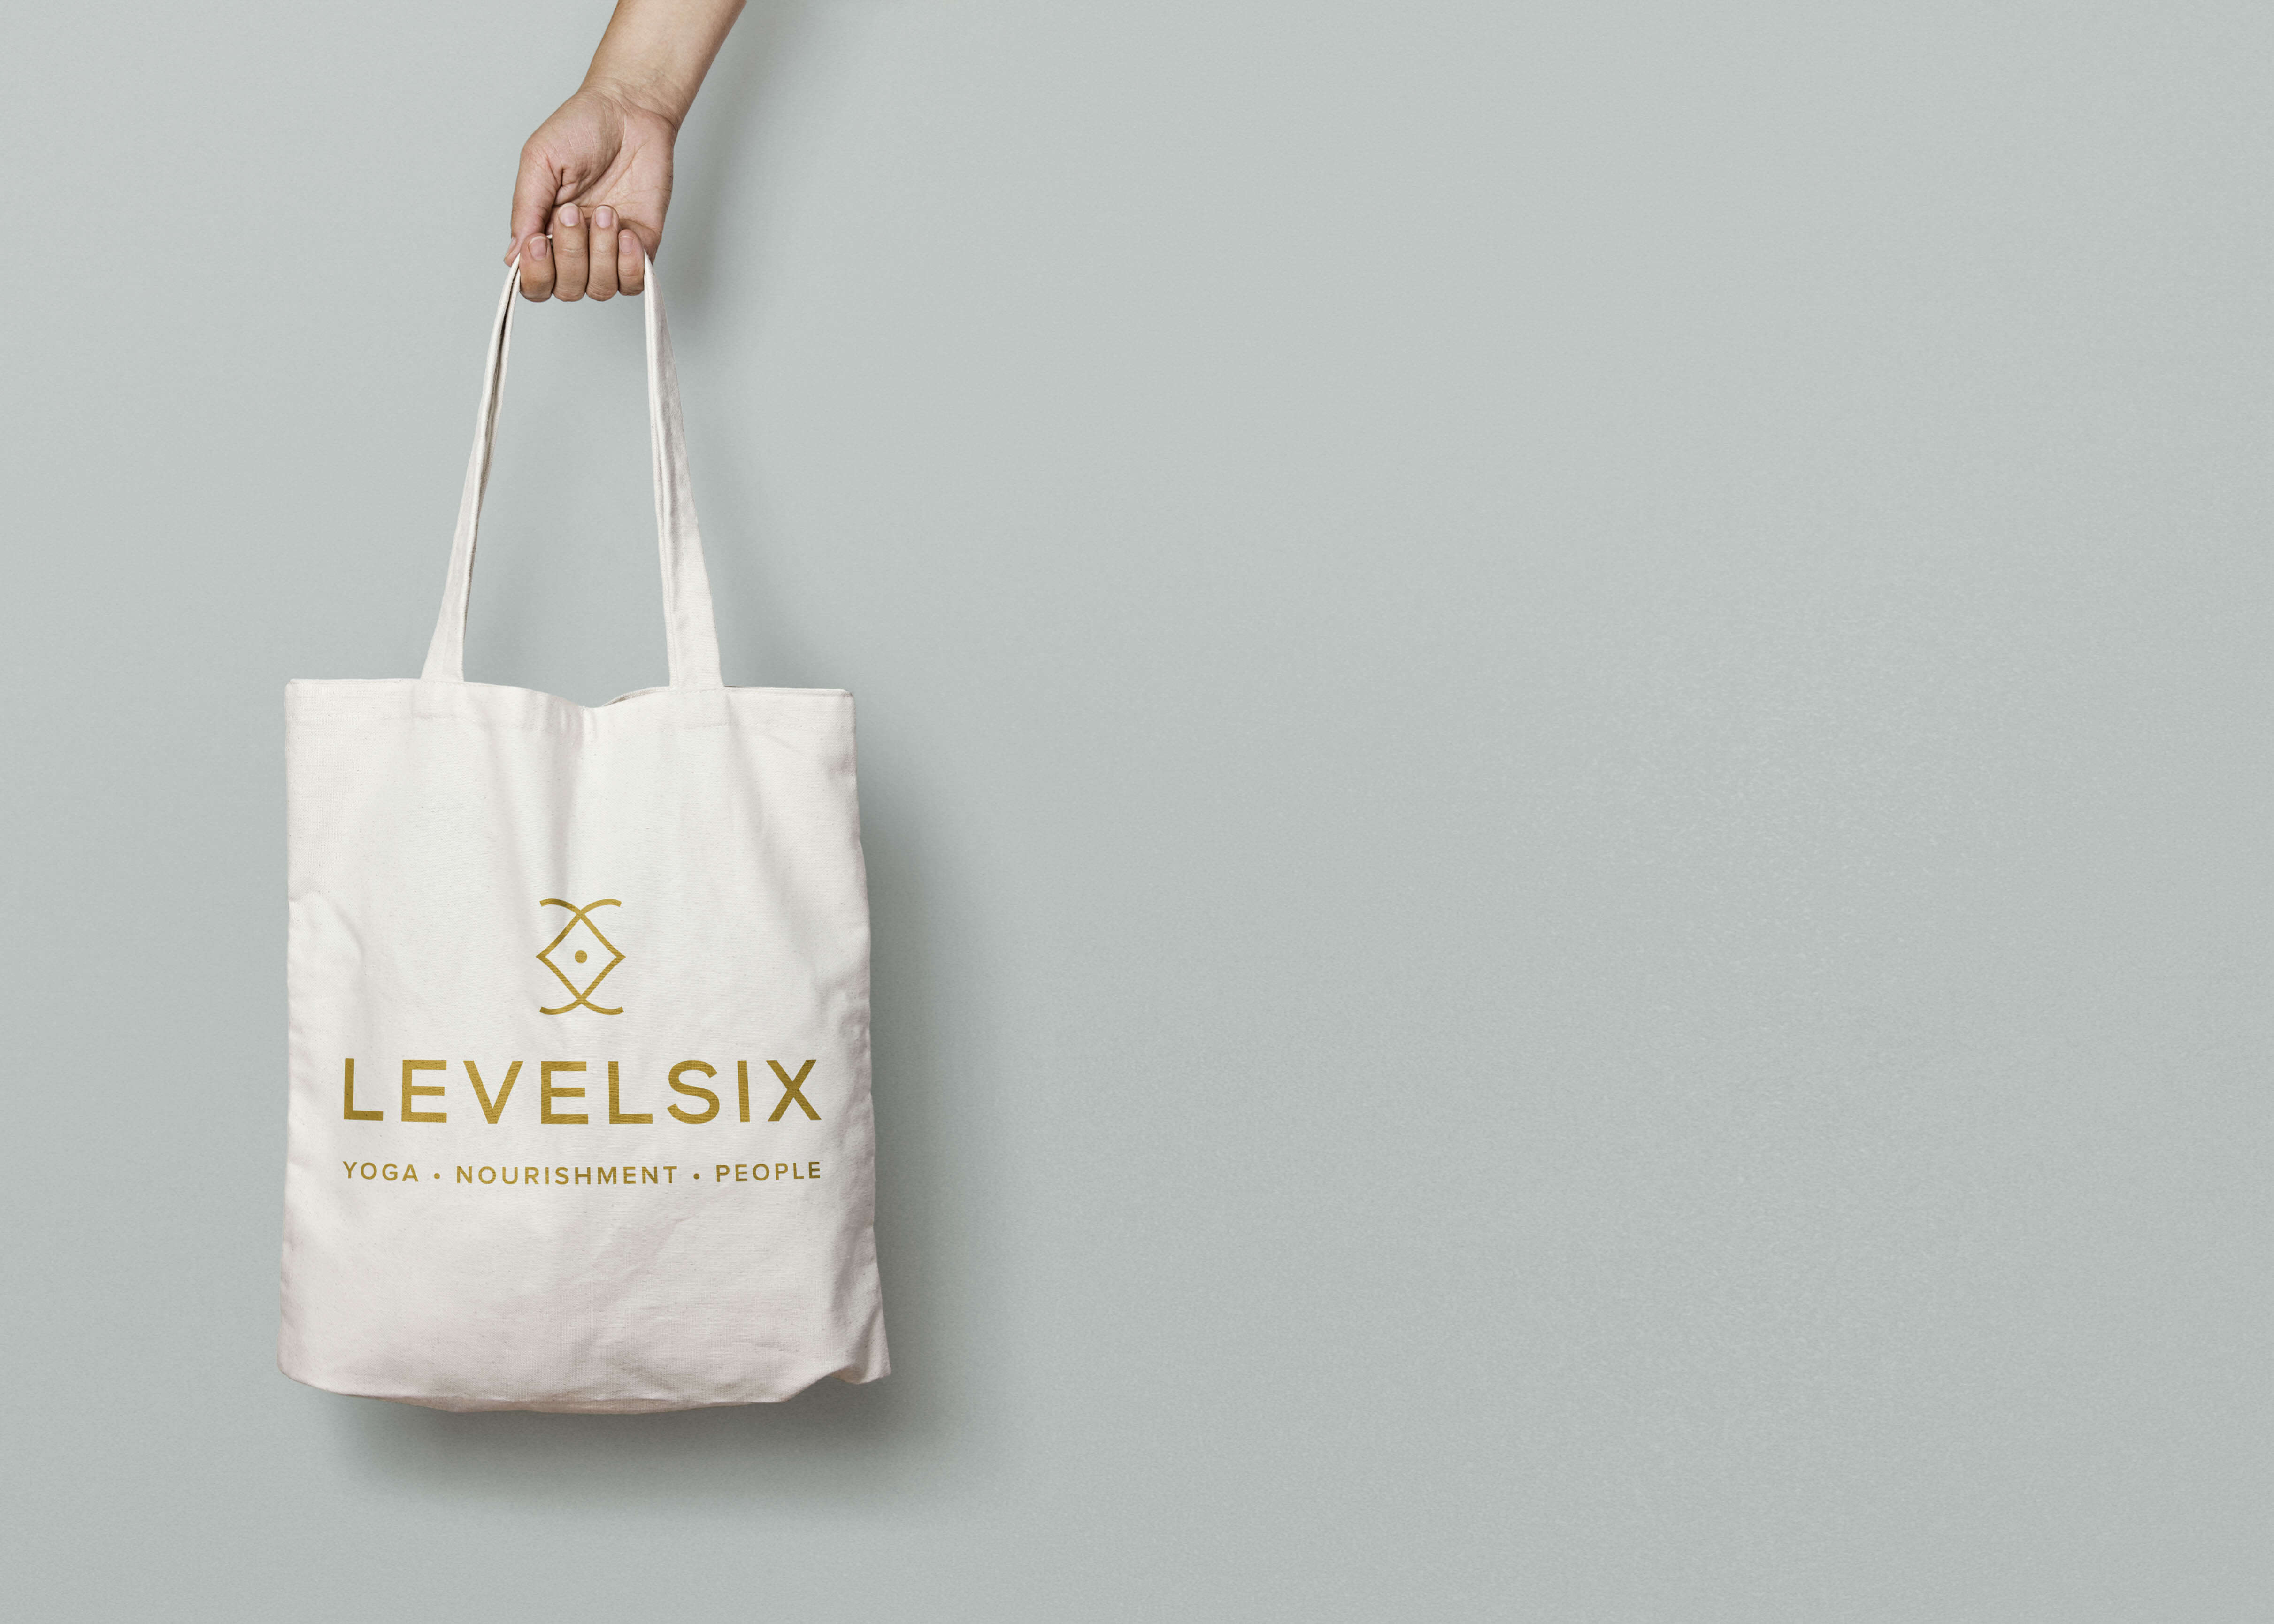 Levelsix